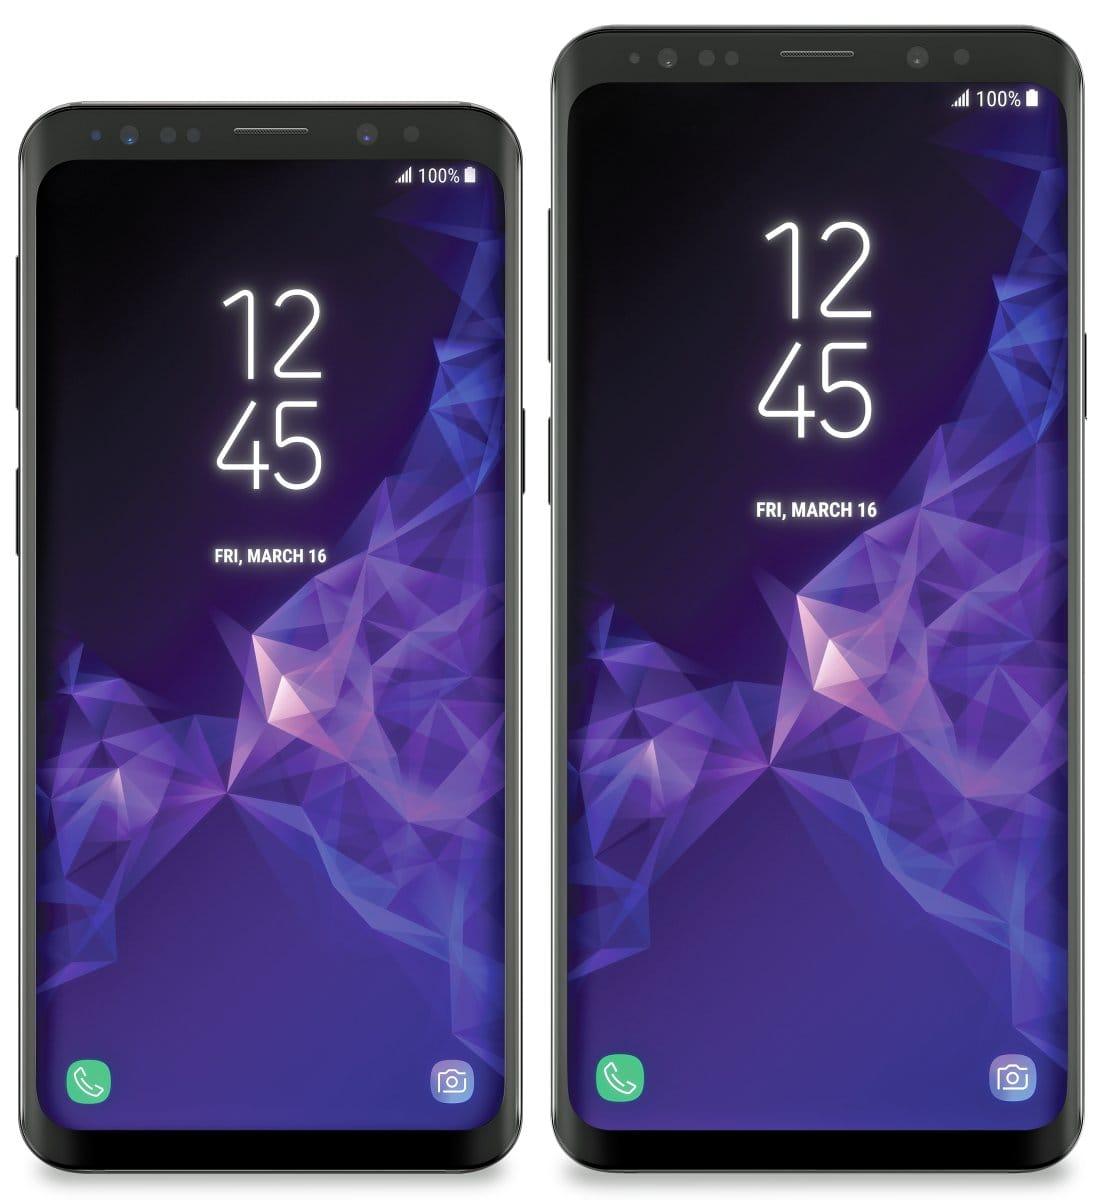 В Сети опубликованы фото Samsung Galaxy S9 и Galaxy S9+ в новом цвете